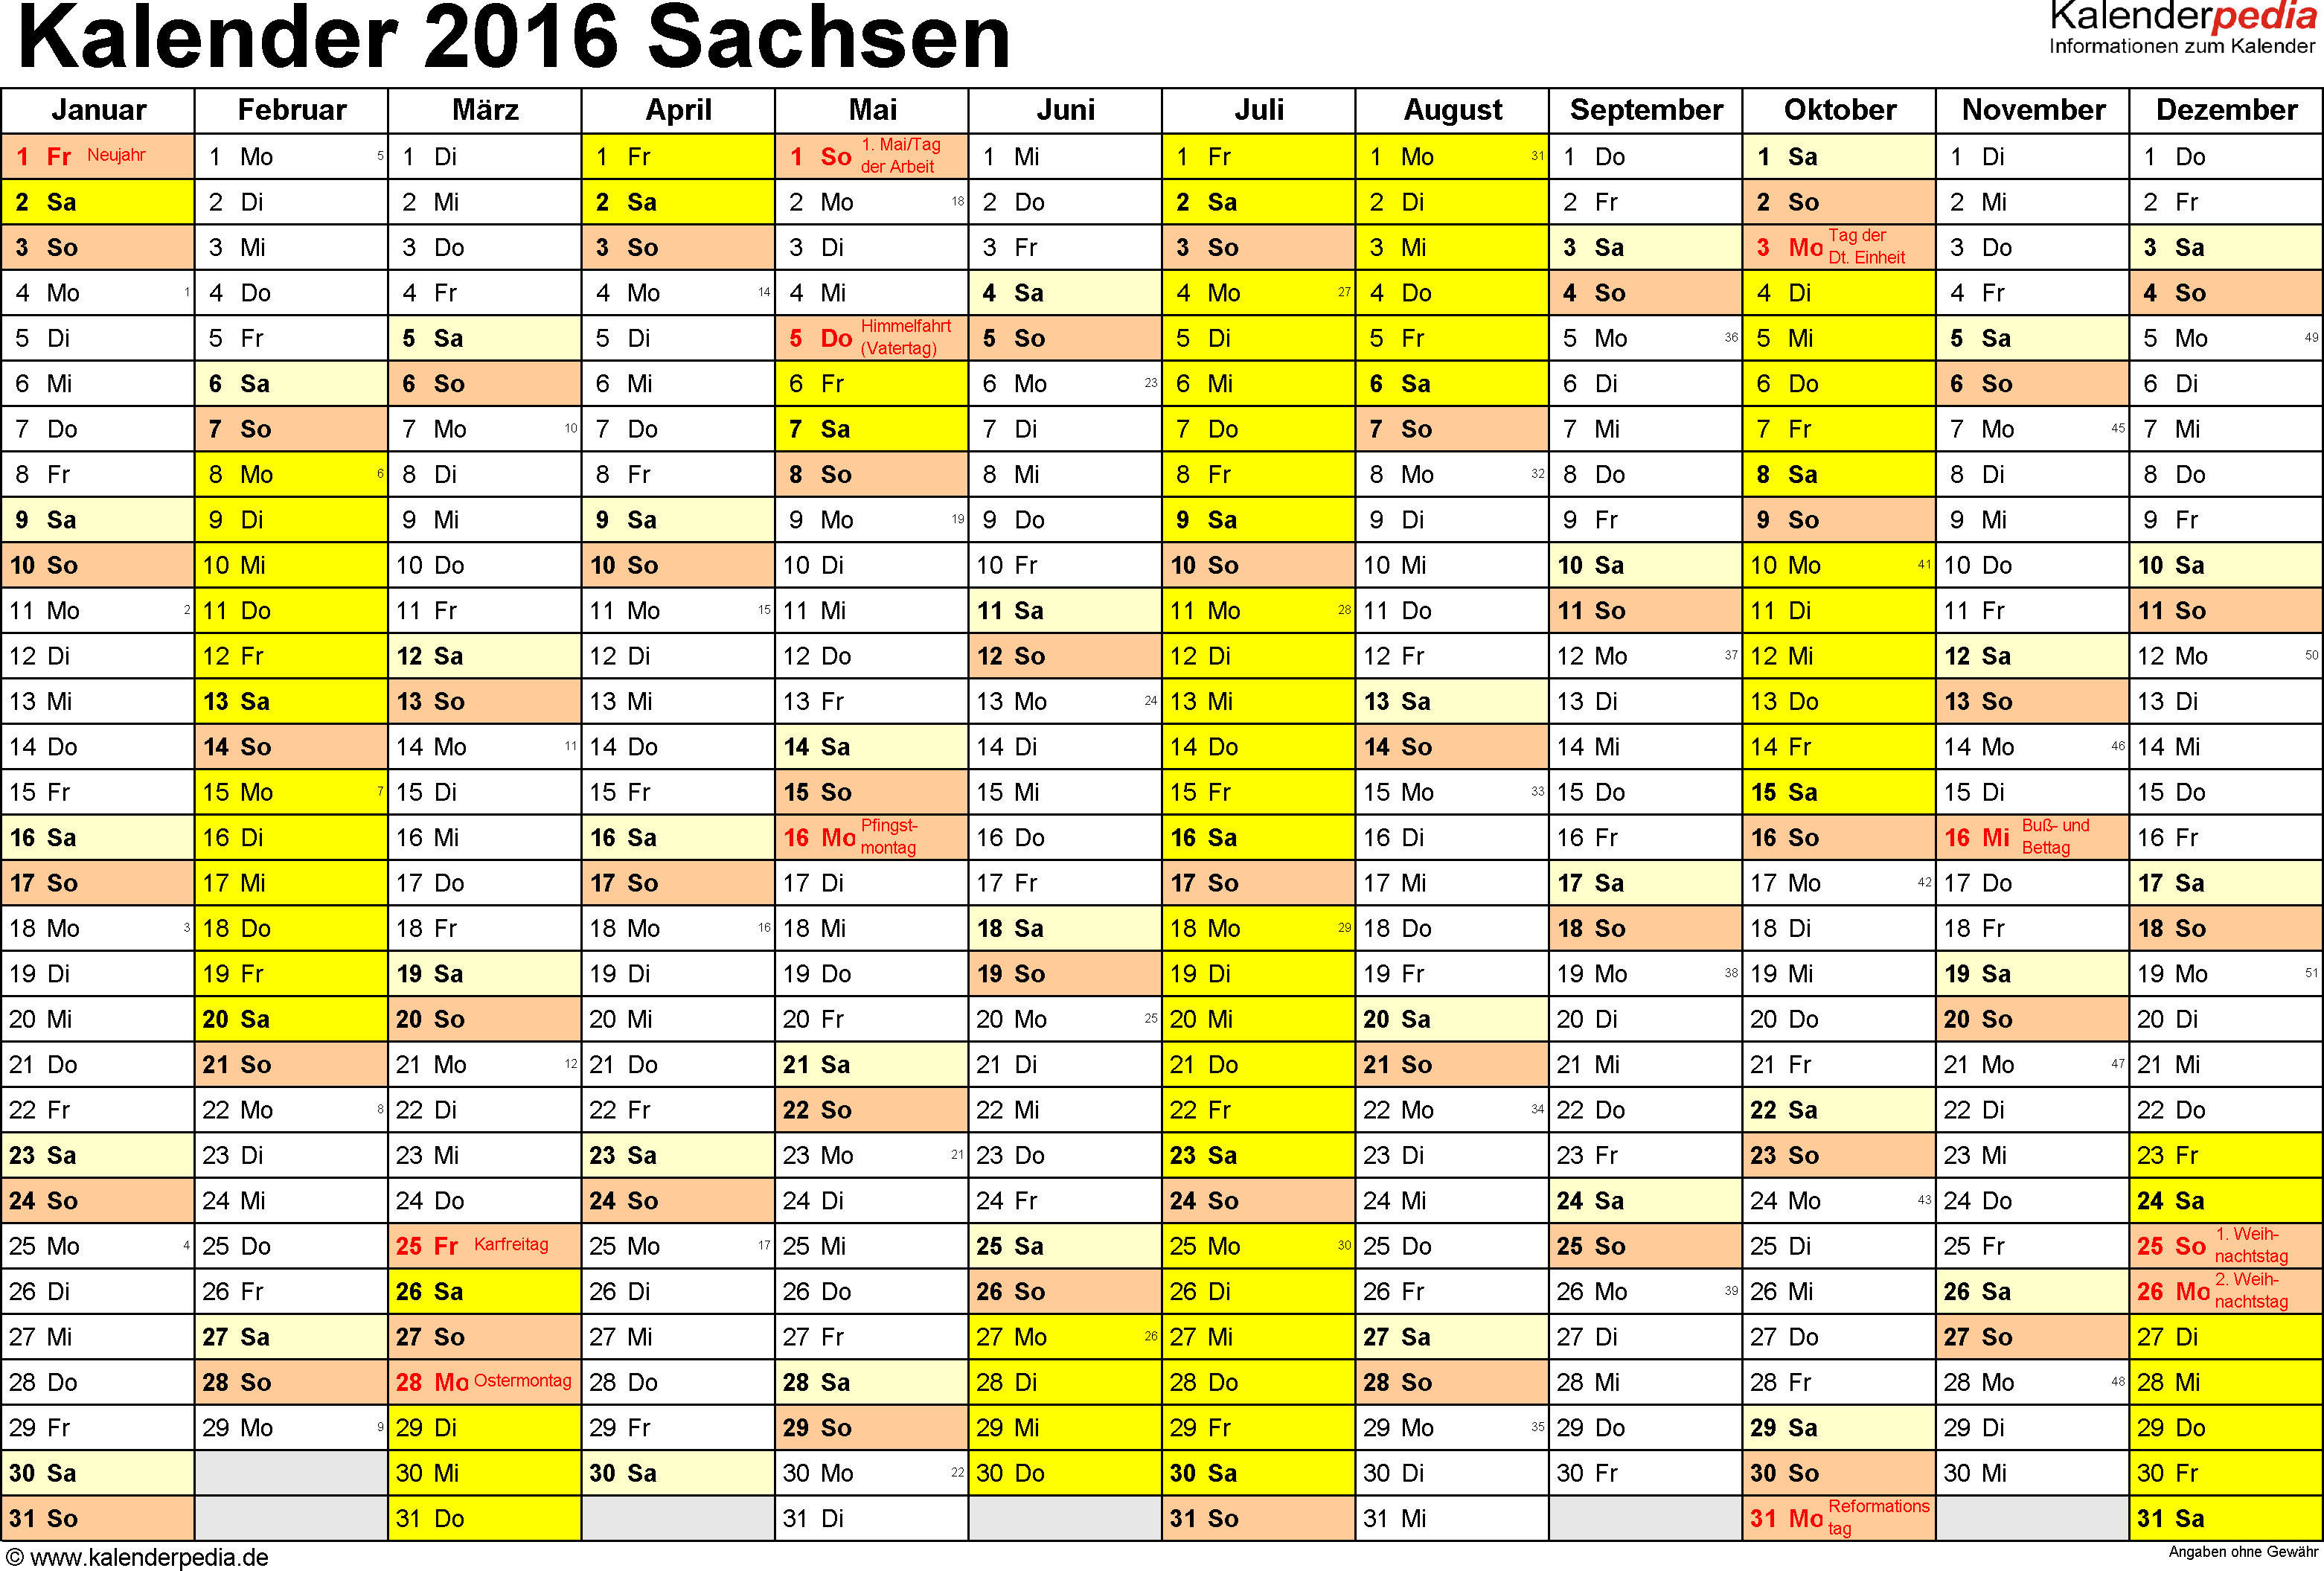 Vorlage 1: Kalender 2016 für Sachsen als Word-Vorlagen (Querformat, 1 Seite)